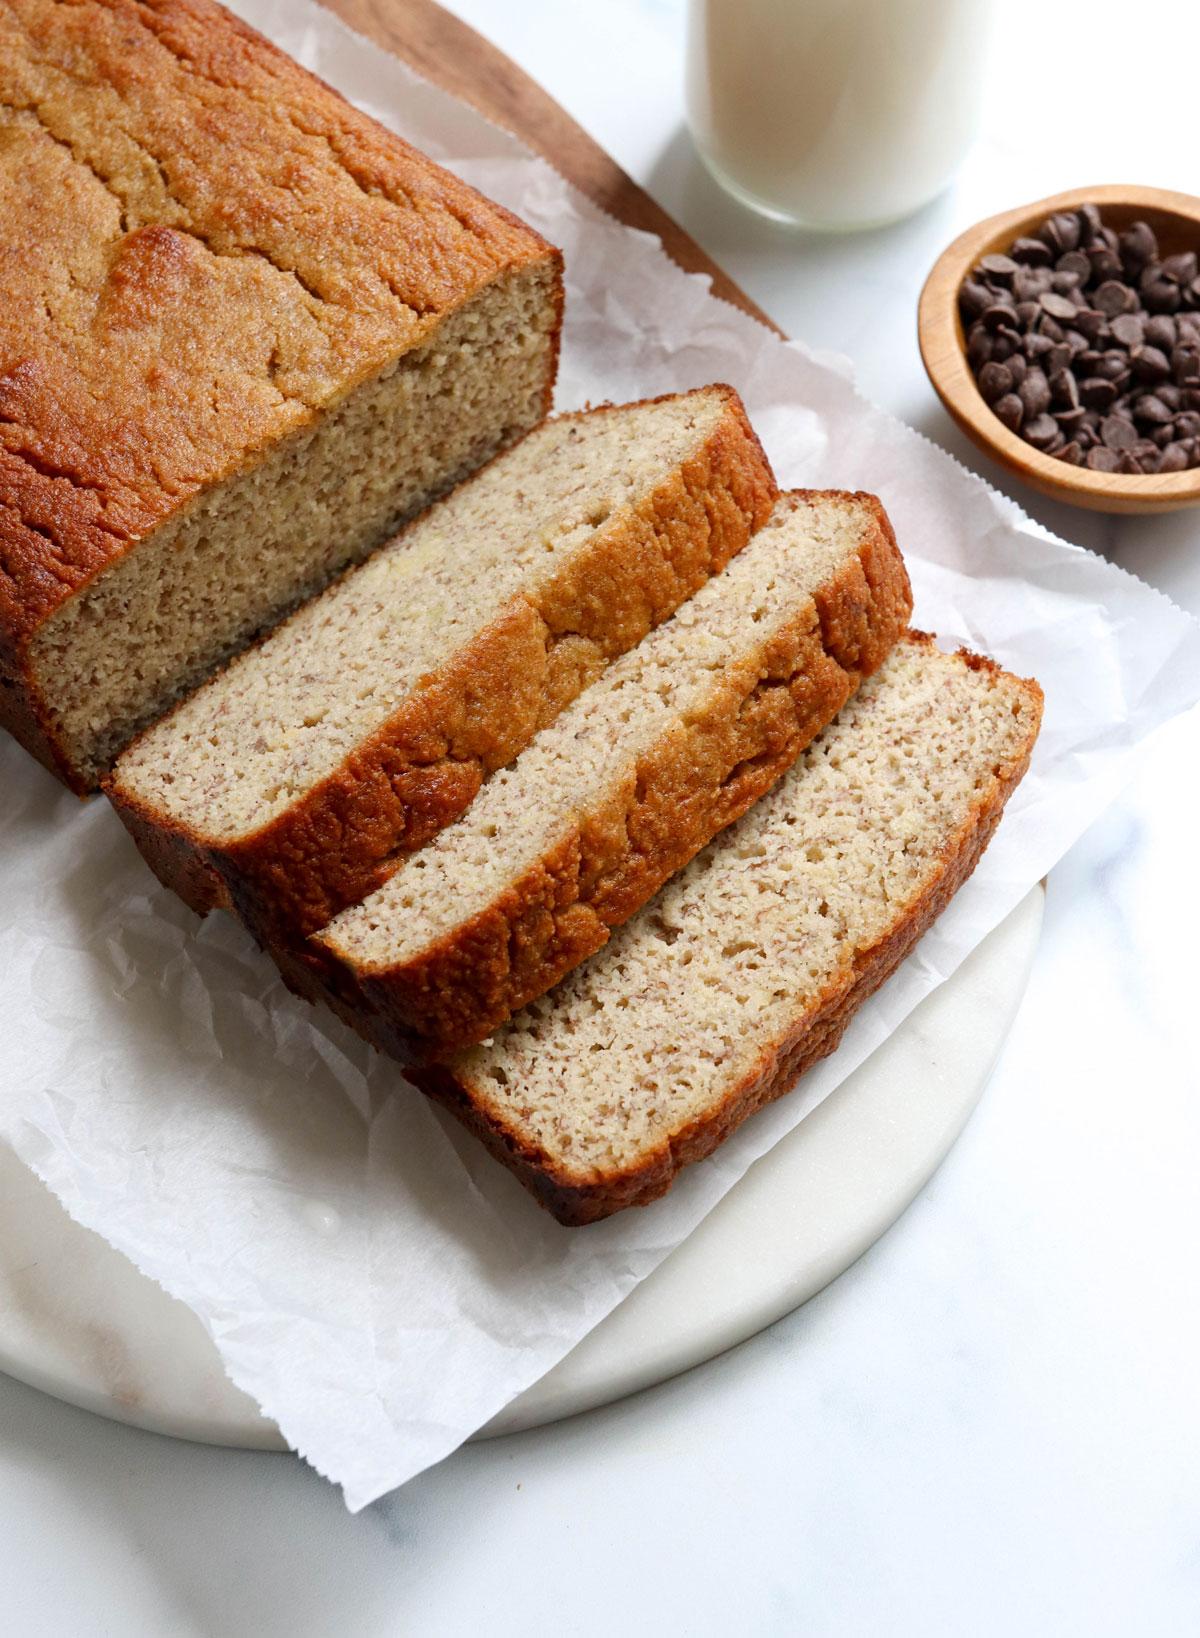 almond flour banana bread sliced on marble